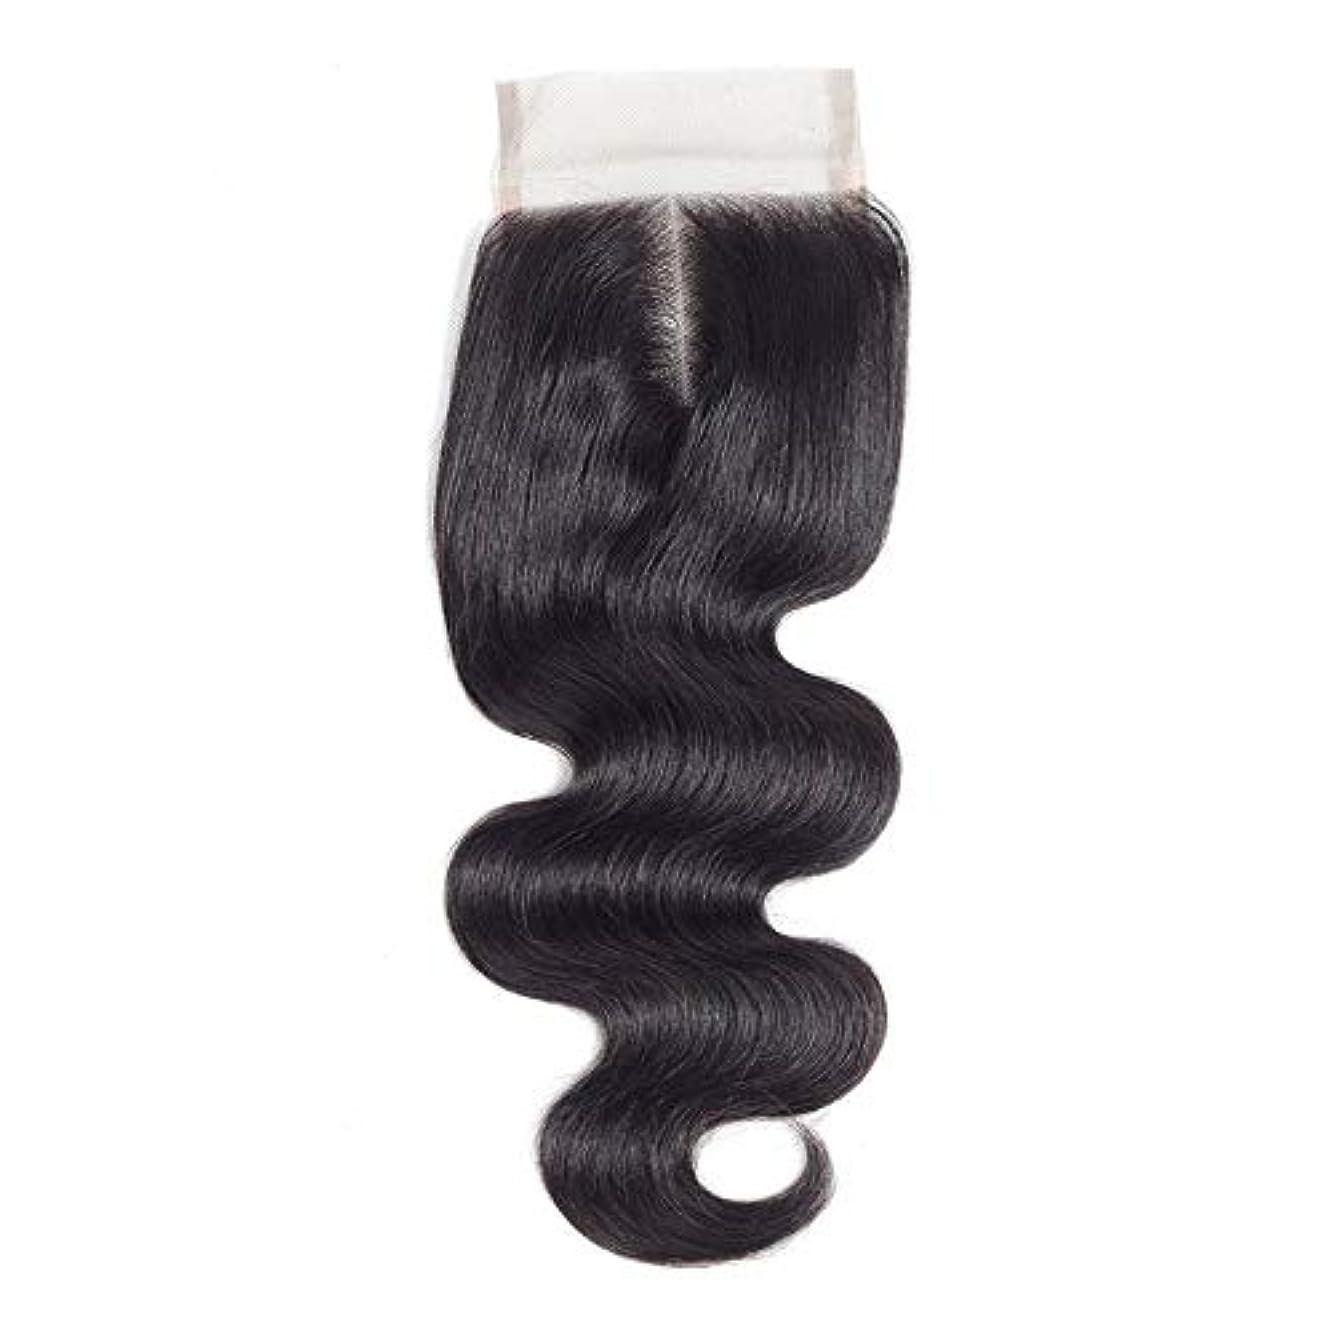 抹消あからさま必要とするWASAIO ブラジルのボディウェーブ女性の人間Veridicalヘアエクステンションクリップのシームレスな髪型4x4のレースフロンタル閉鎖センター別れ(8インチ?20インチ) (色 : 黒, サイズ : 8 inch)